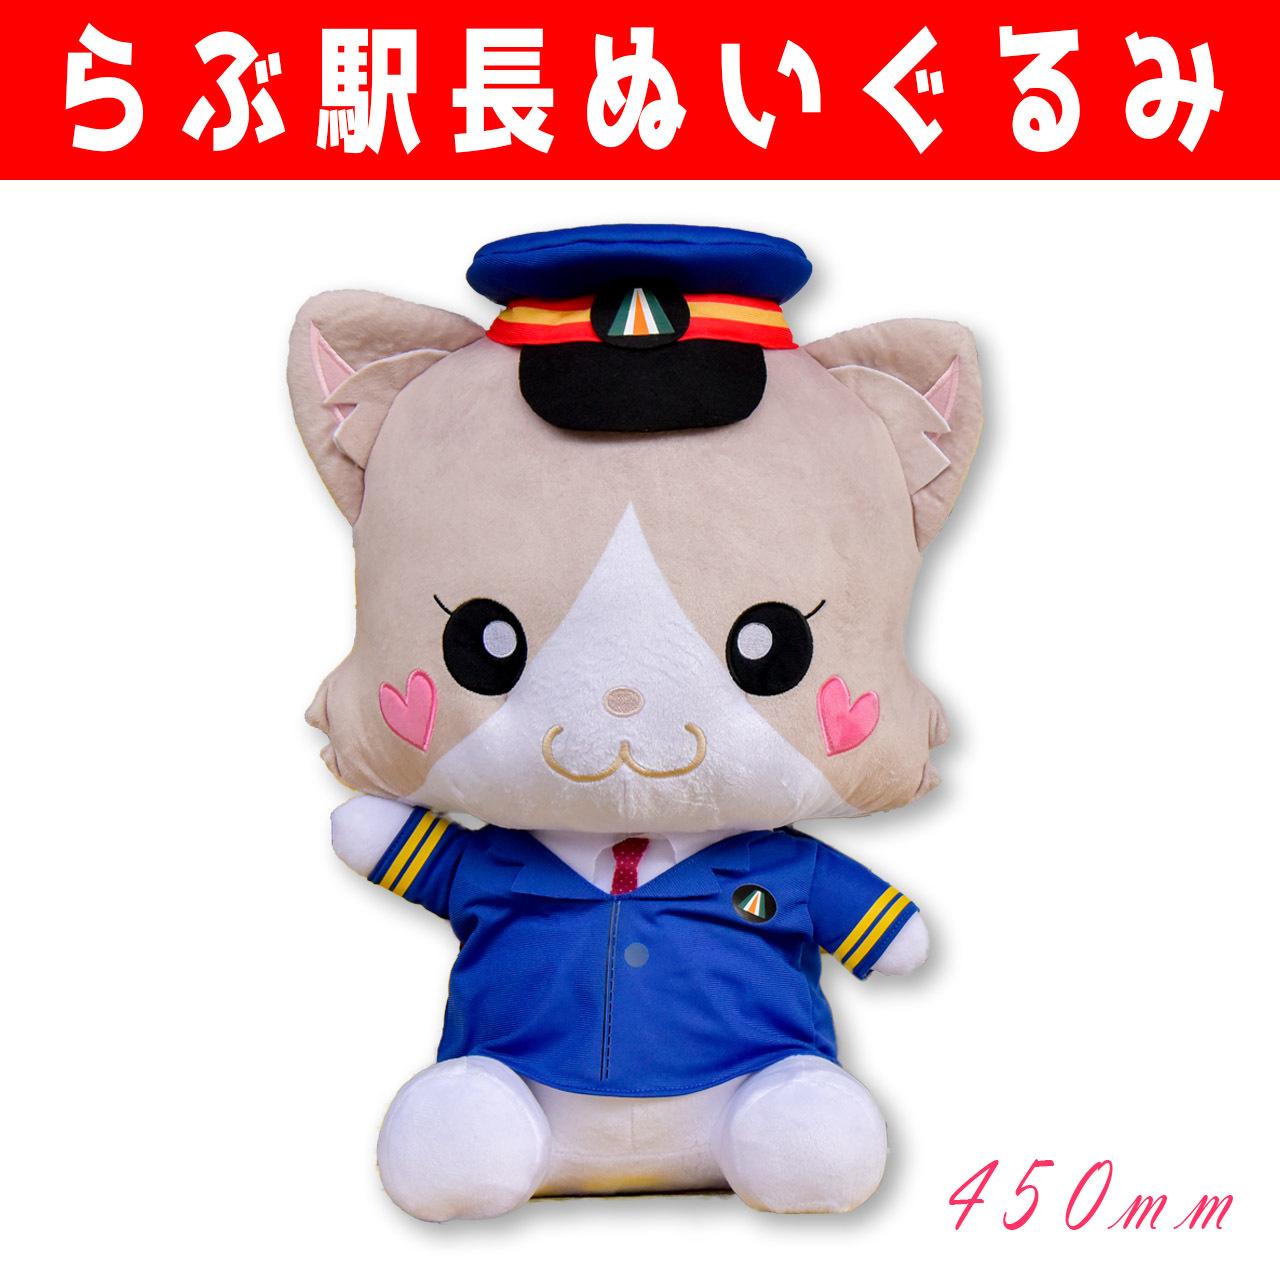 BIG らぶ駅長 ぬいぐるみ【450mm】